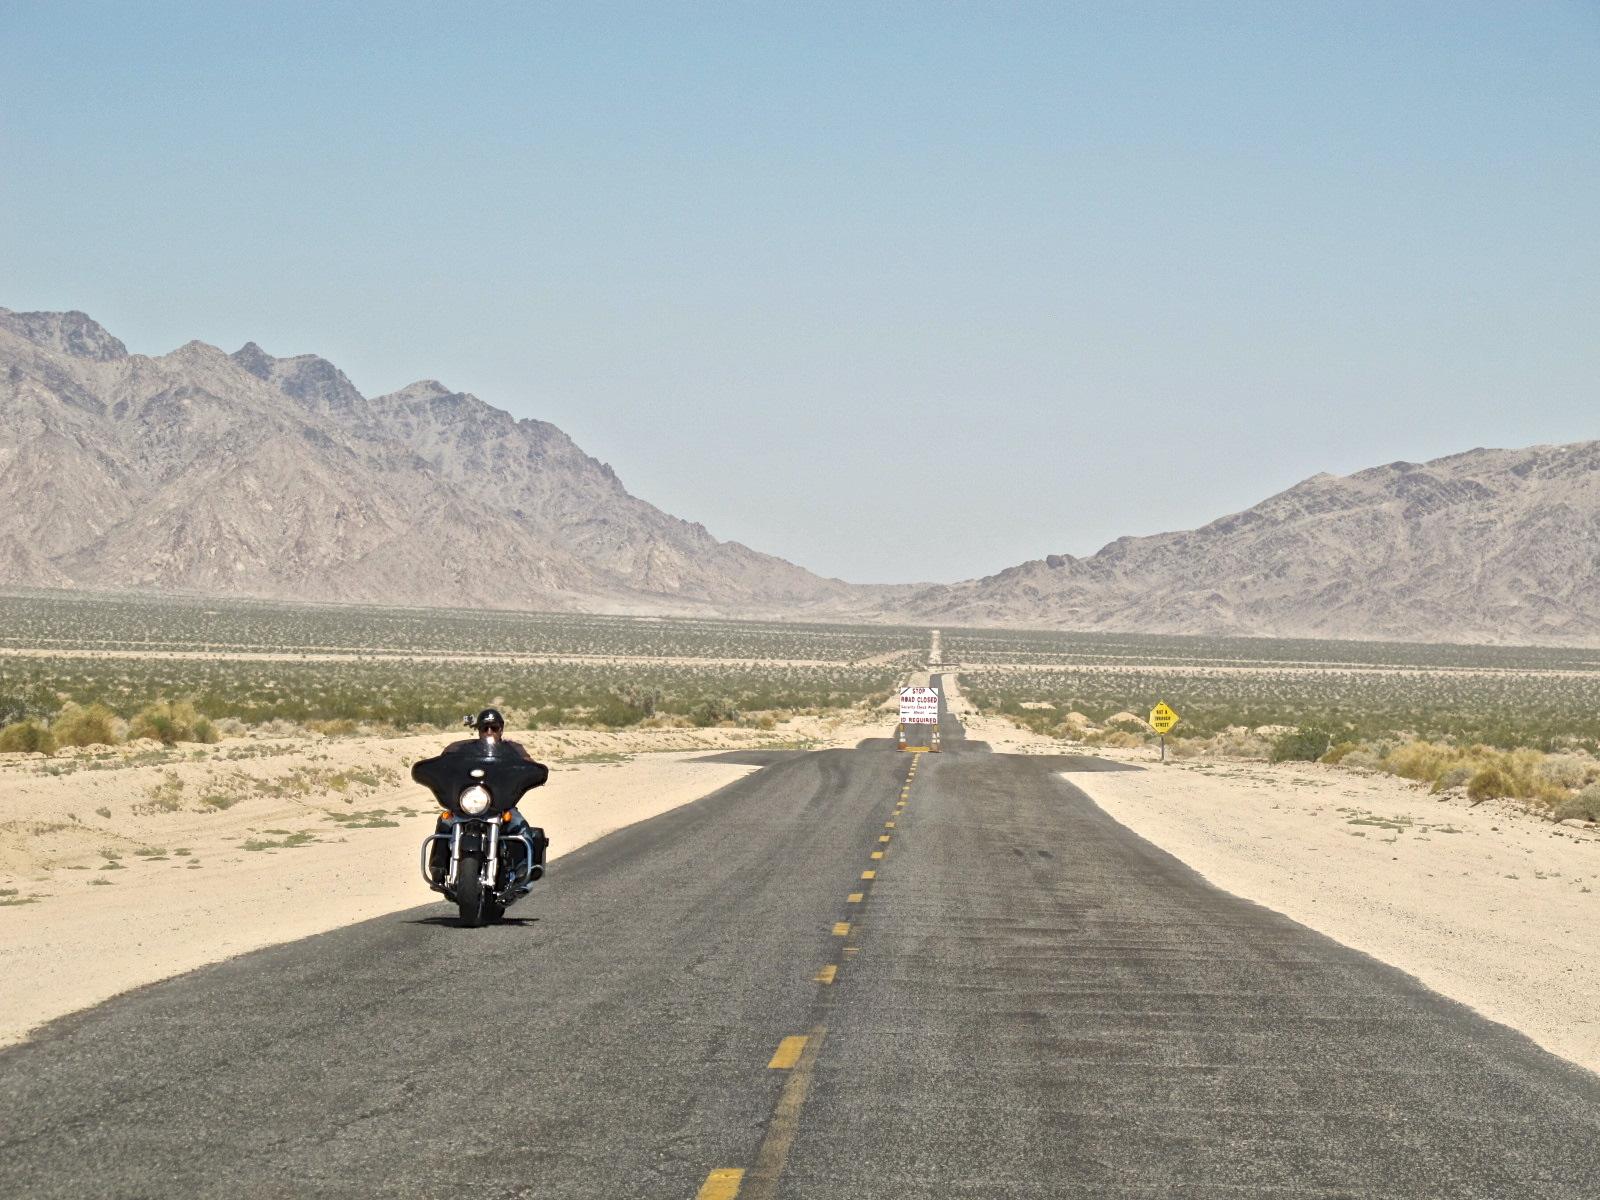 Carreteras de la ruta 66